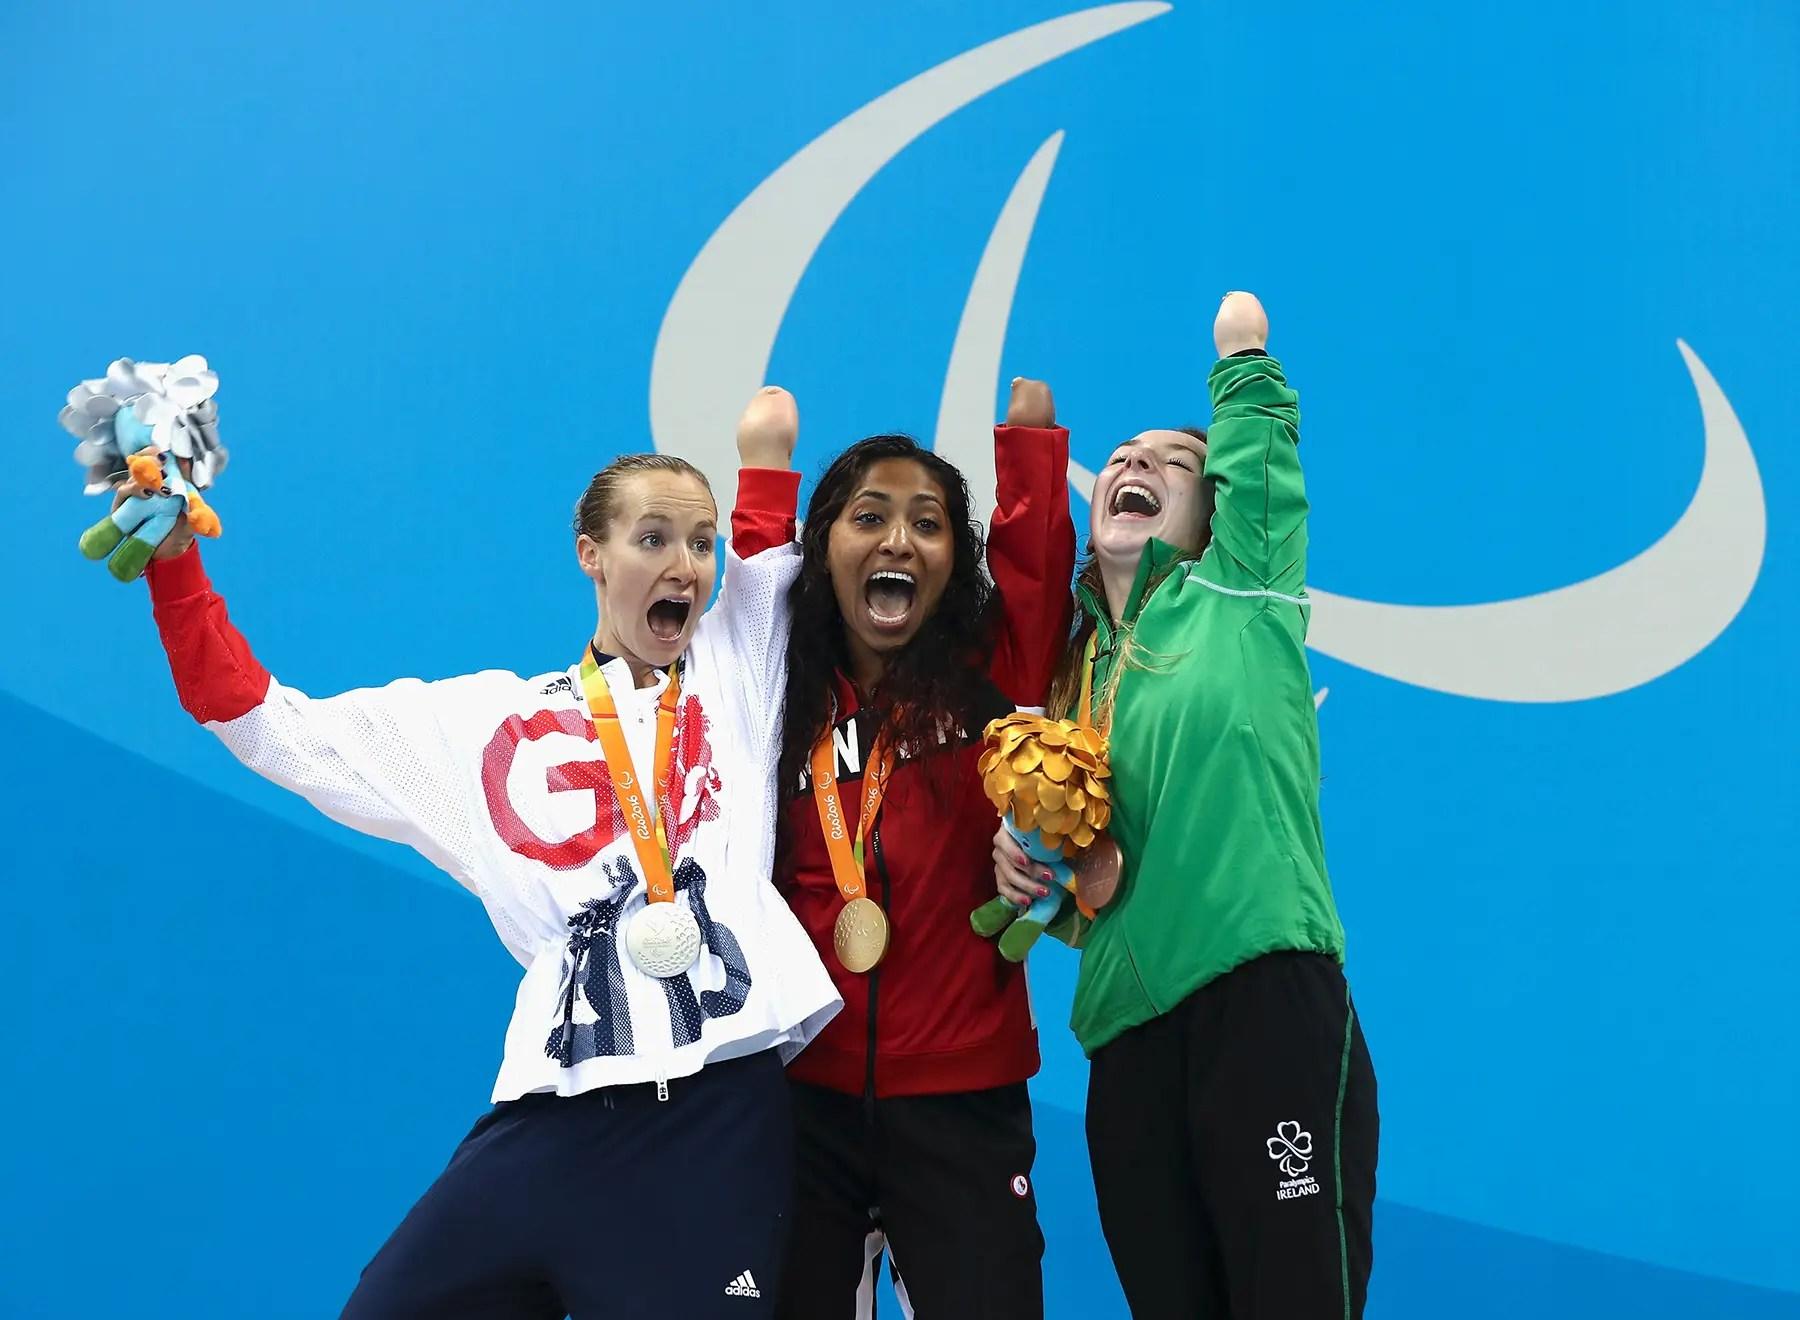 La medallista de plata Claire Cashmore de Gran Bretaña, medalla de oro Katarina Roxon de Canadá y medallista de bronce Ellen Keane de Irlanda celebran en el podio en la ceremonia de medalla para los 100 metros braza Mujeres